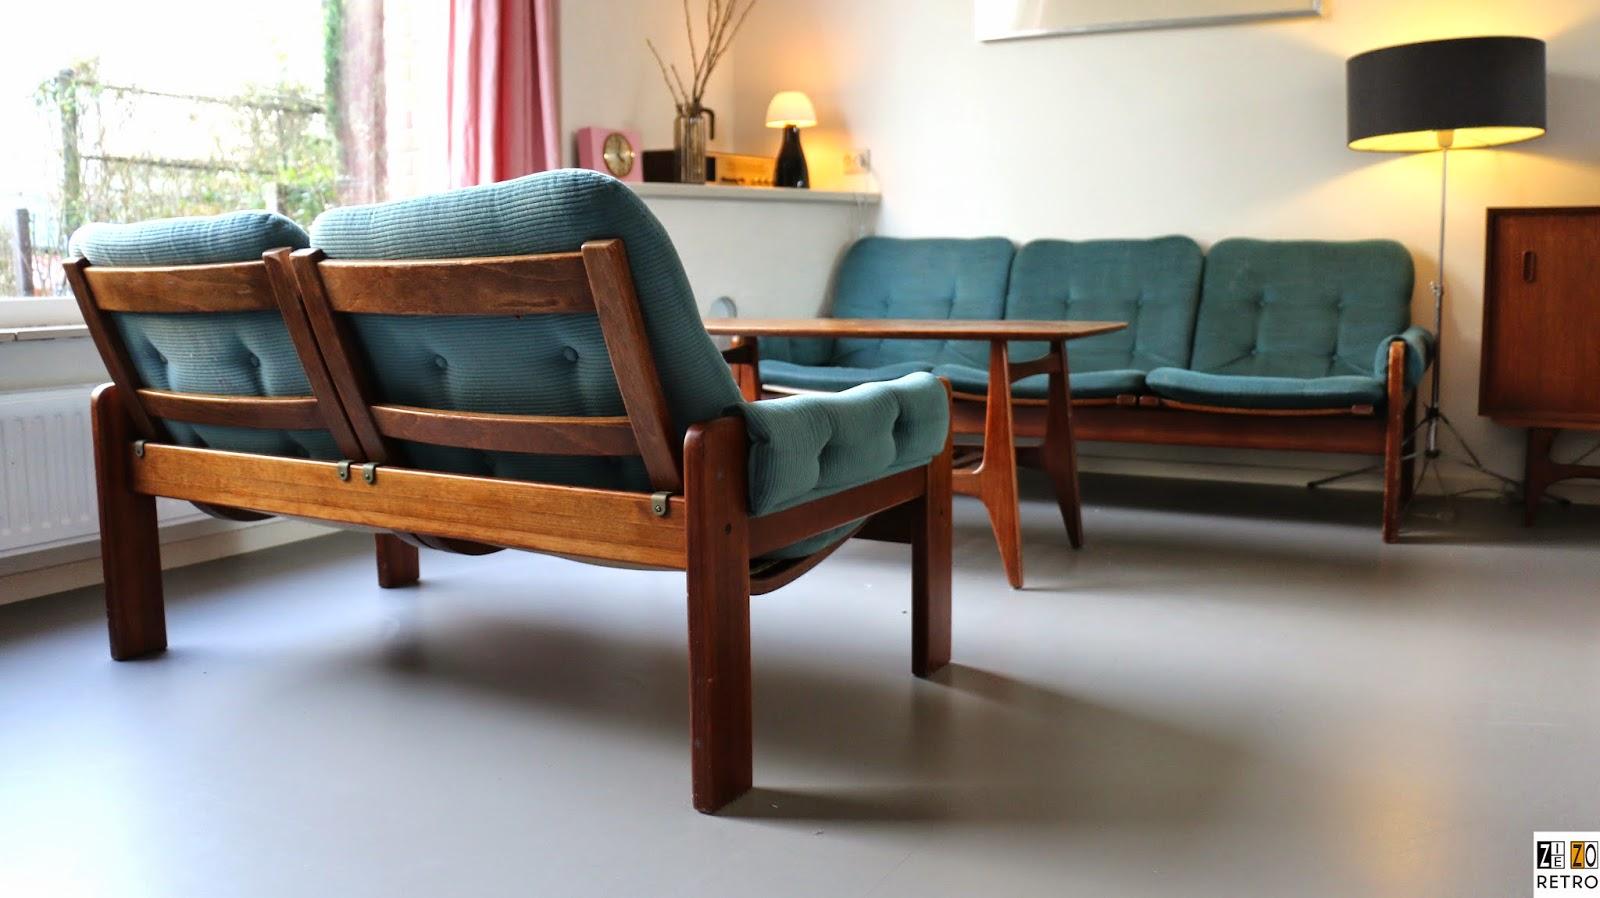 Favoriete Retro jaren 60 - 70 Pastoe (Swedese) bankstel van ontwerper Yngve &HI13